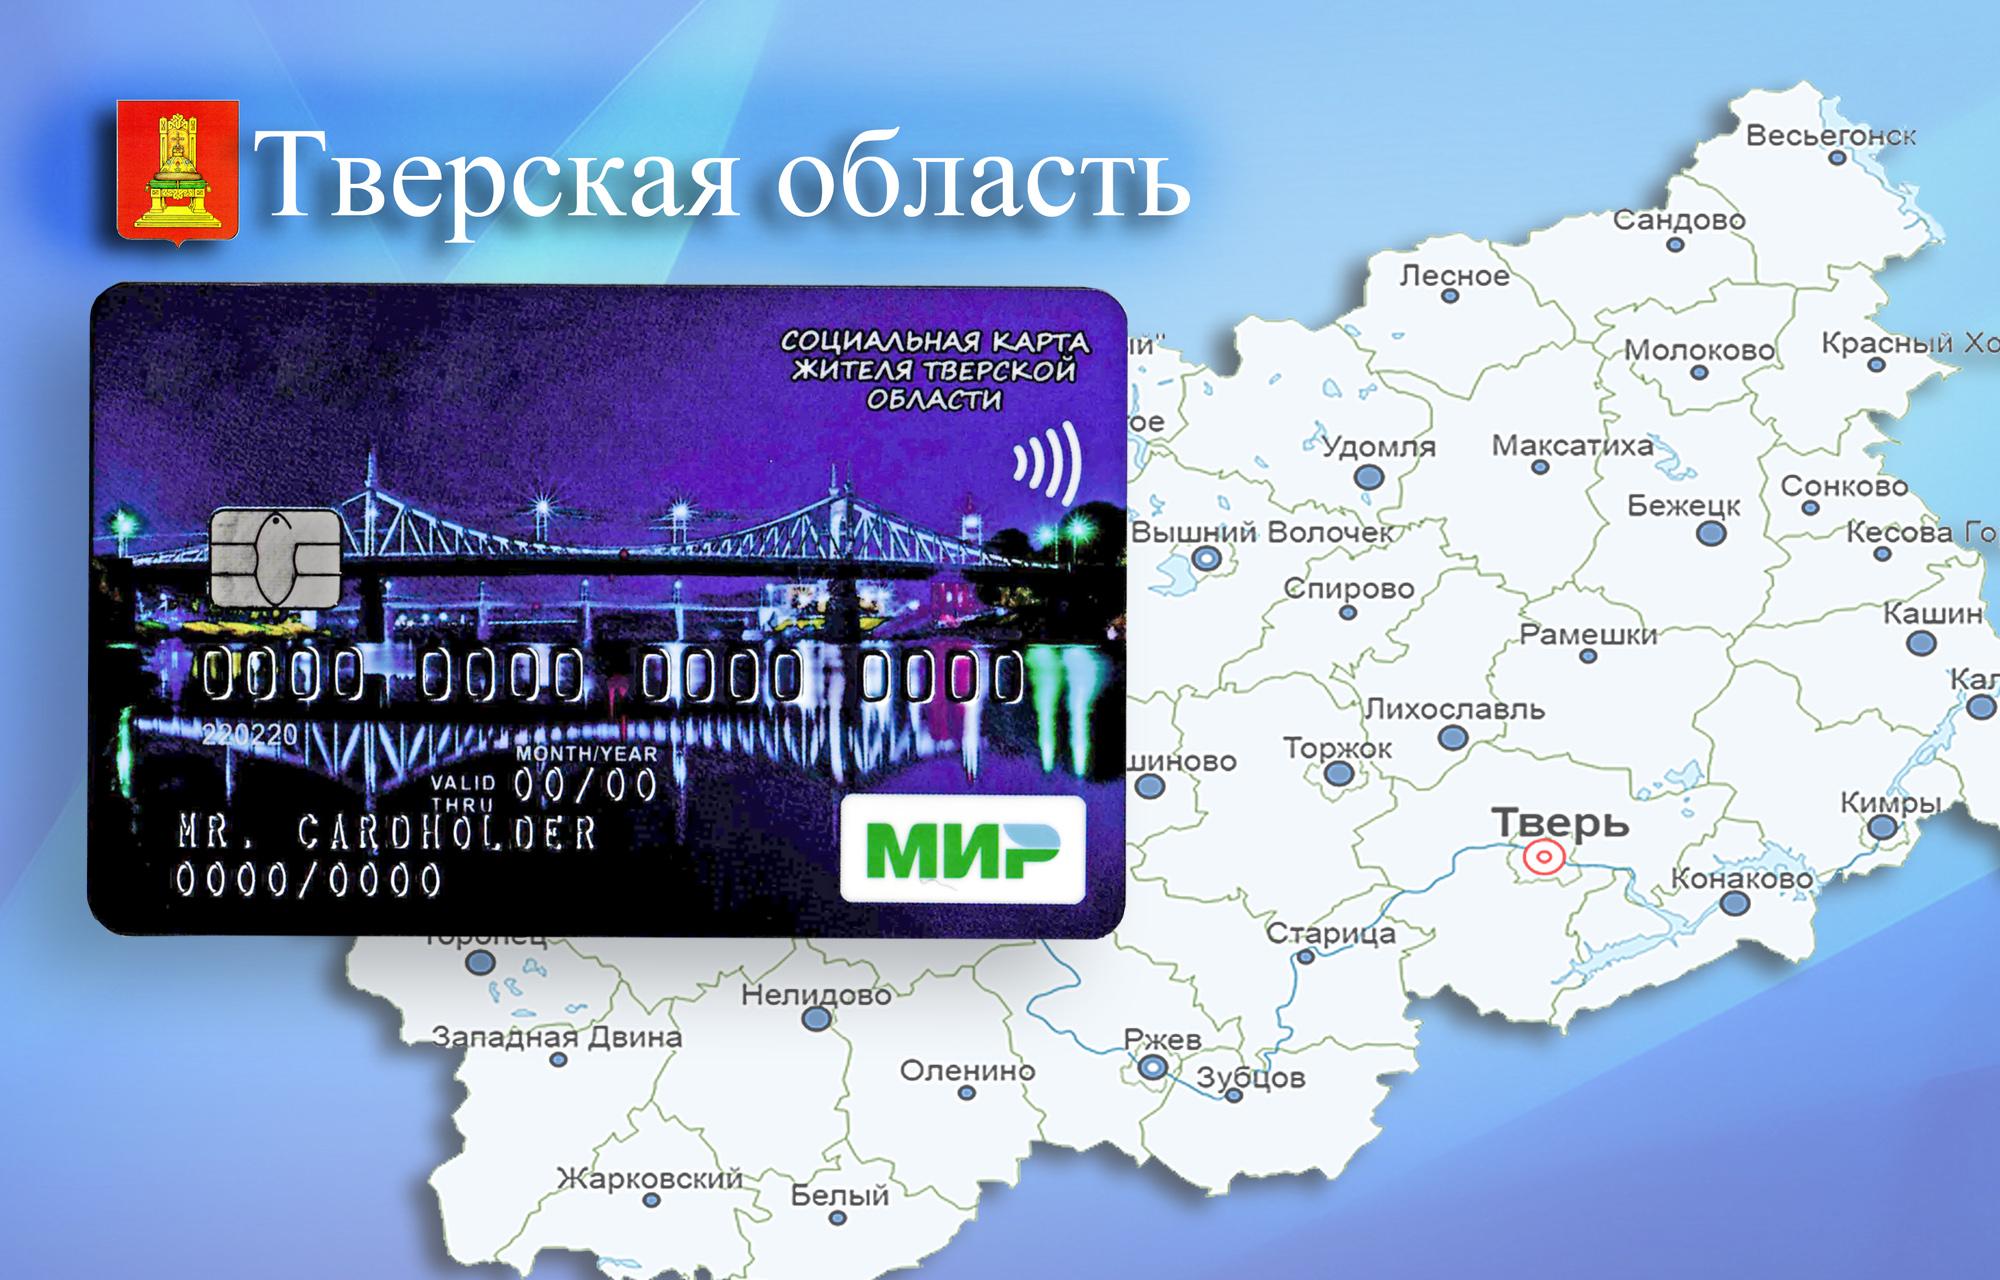 Льготный проезд: что нужно знать о новой социальной карте Тверской области